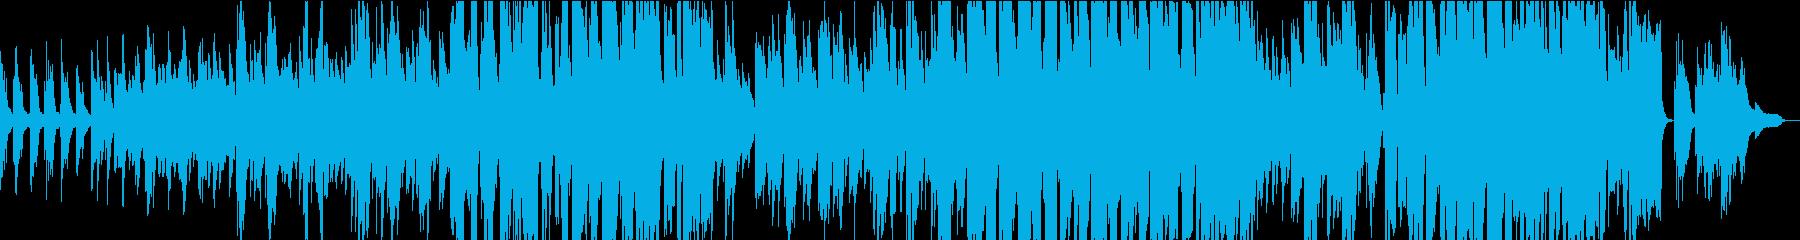 ピアノ弾き語りの切ないバラード【生演奏】の再生済みの波形